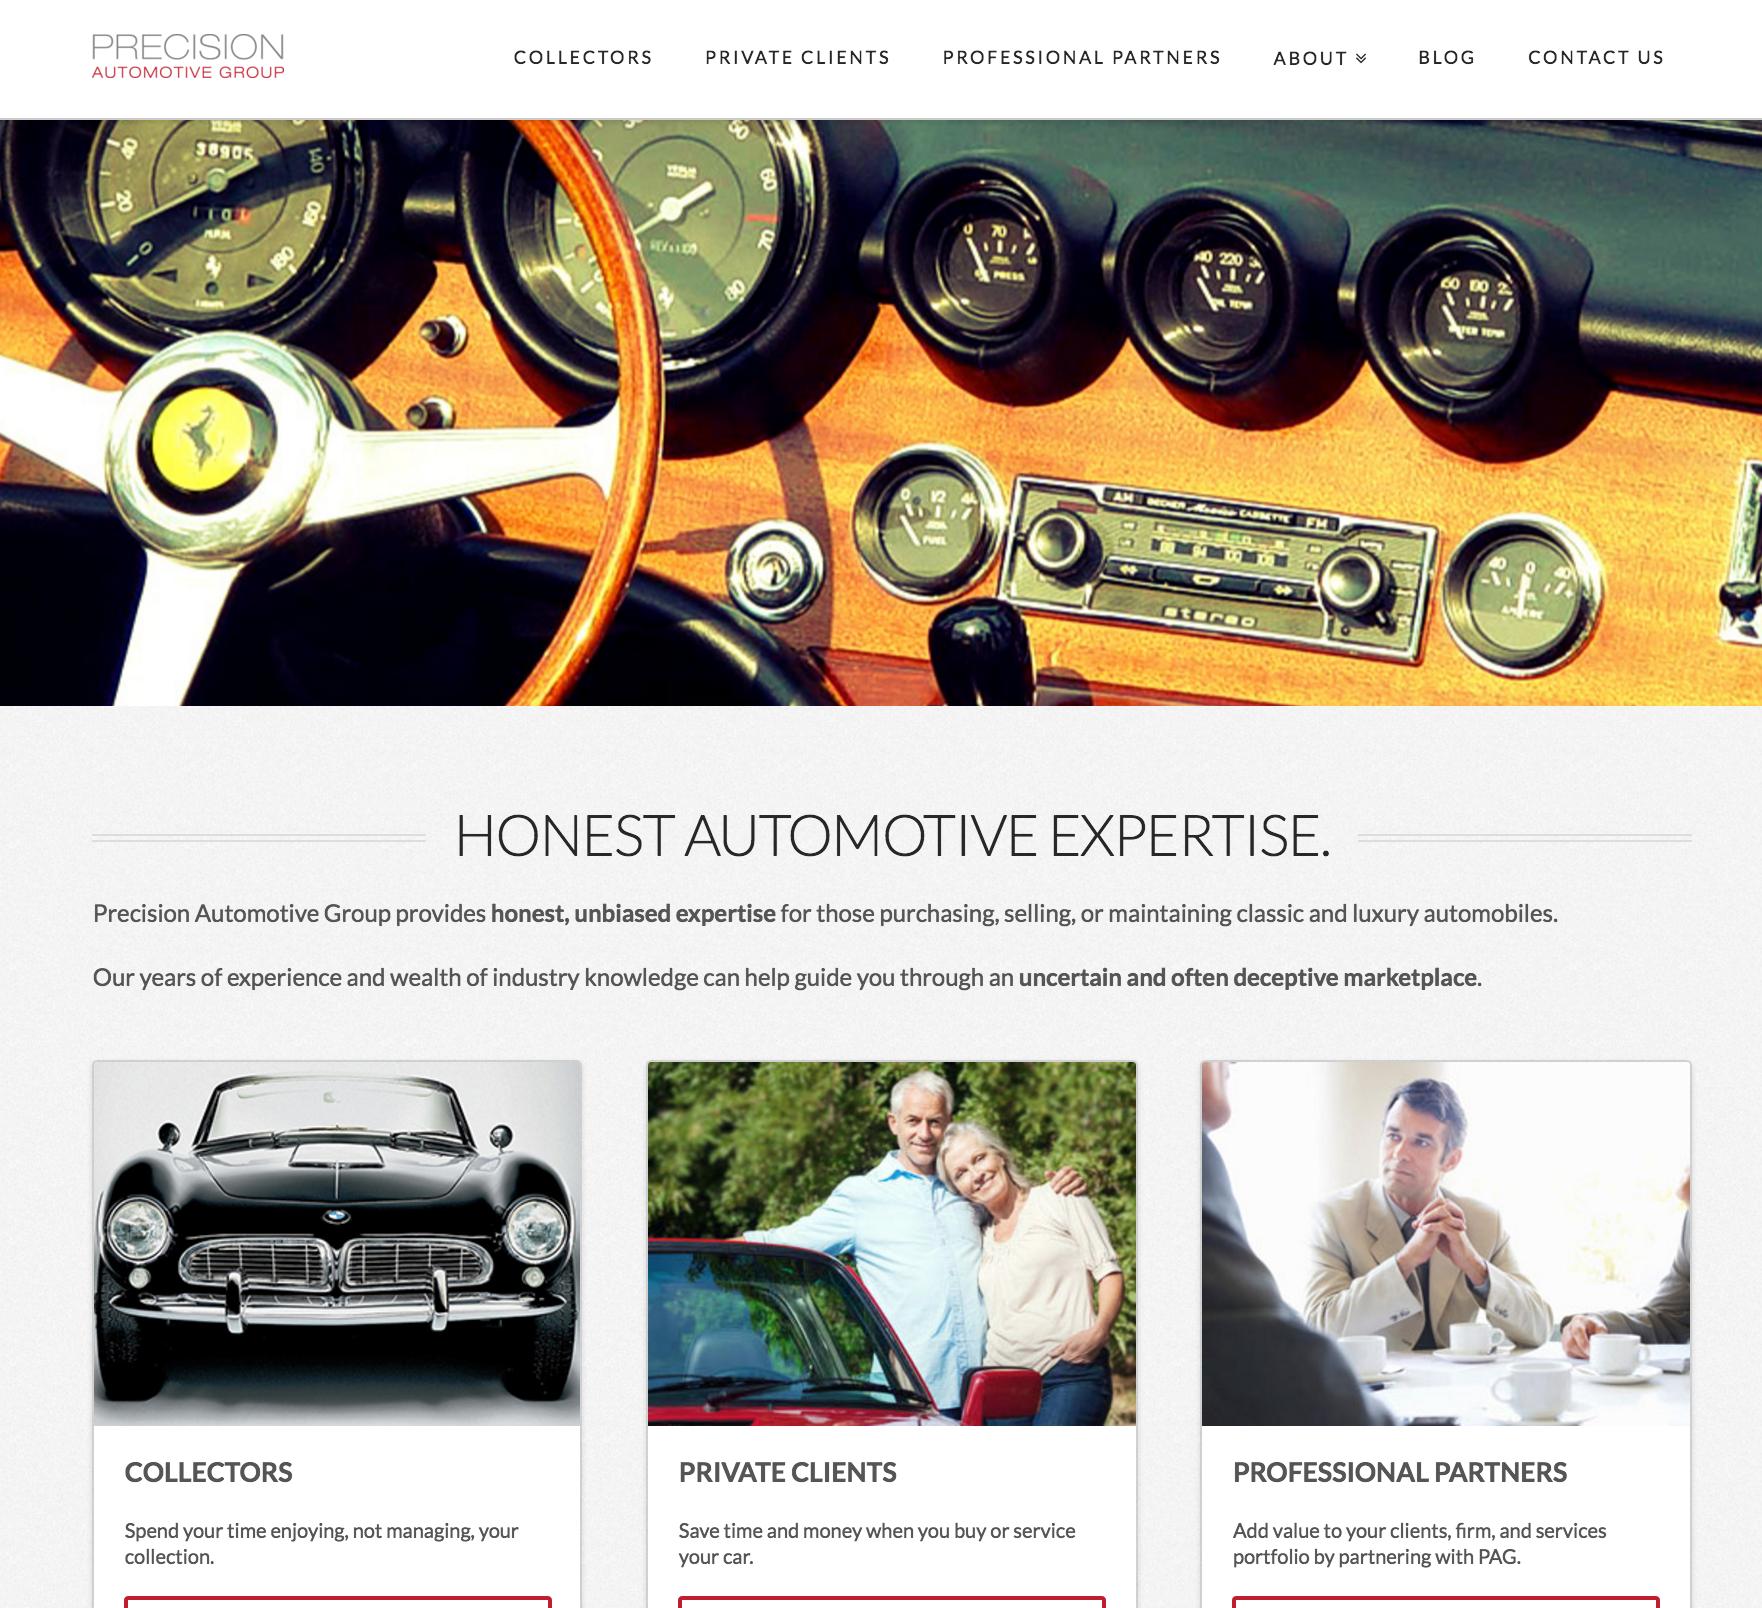 PAG Website: After